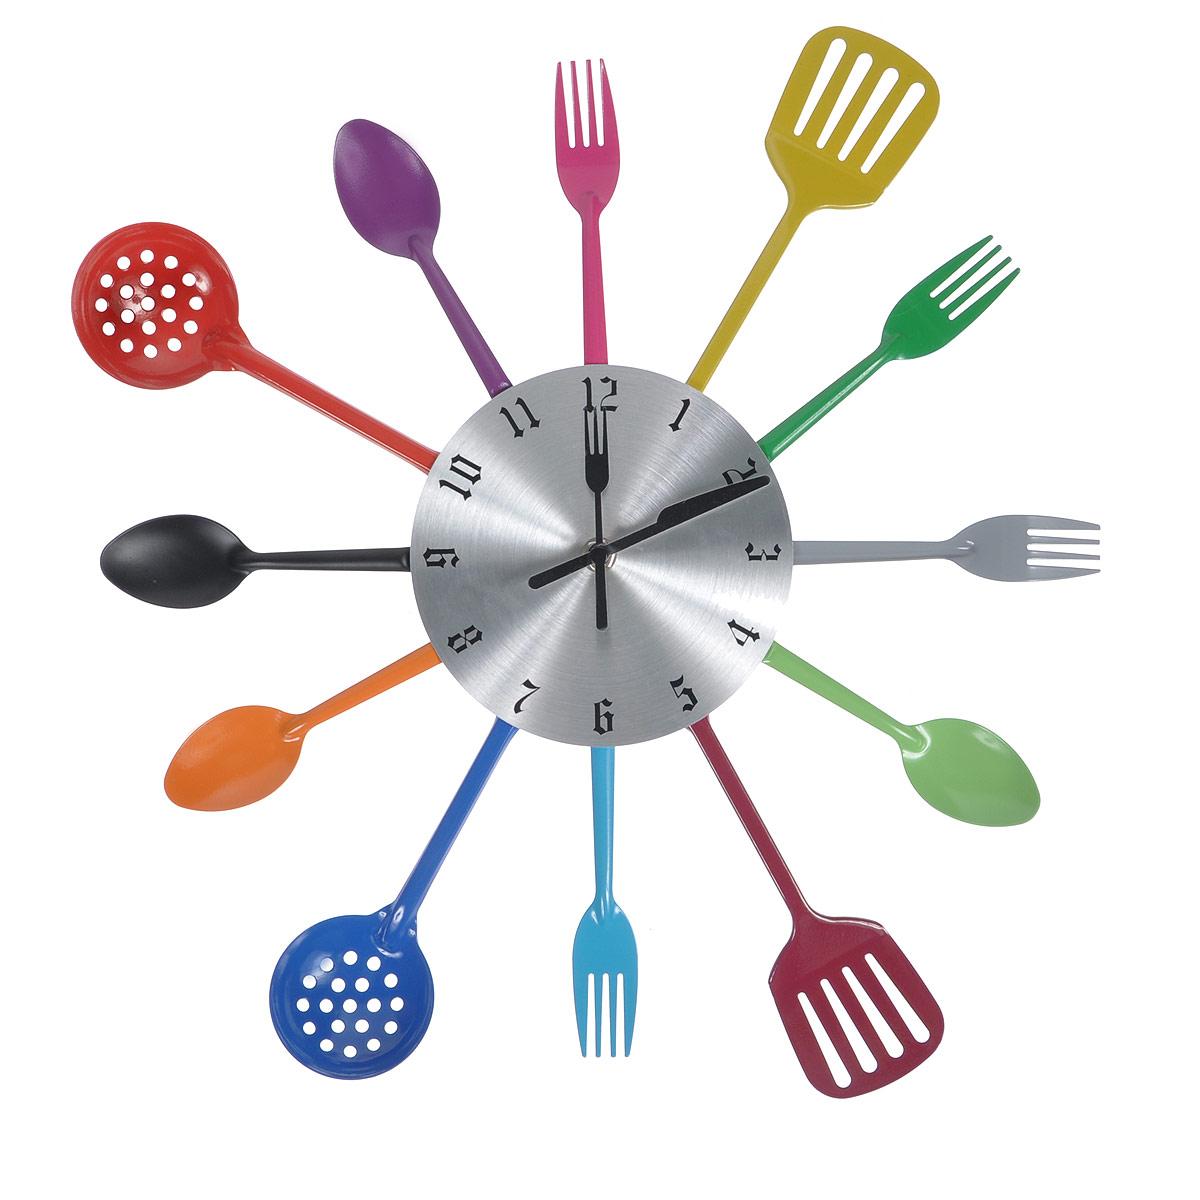 Цены и магазины недорогих часов можно посмотреть в нашем онлайн интернет каталоге товаров москвы, а так же узнать, где продаются настенные часы на кухню оптом в москве.